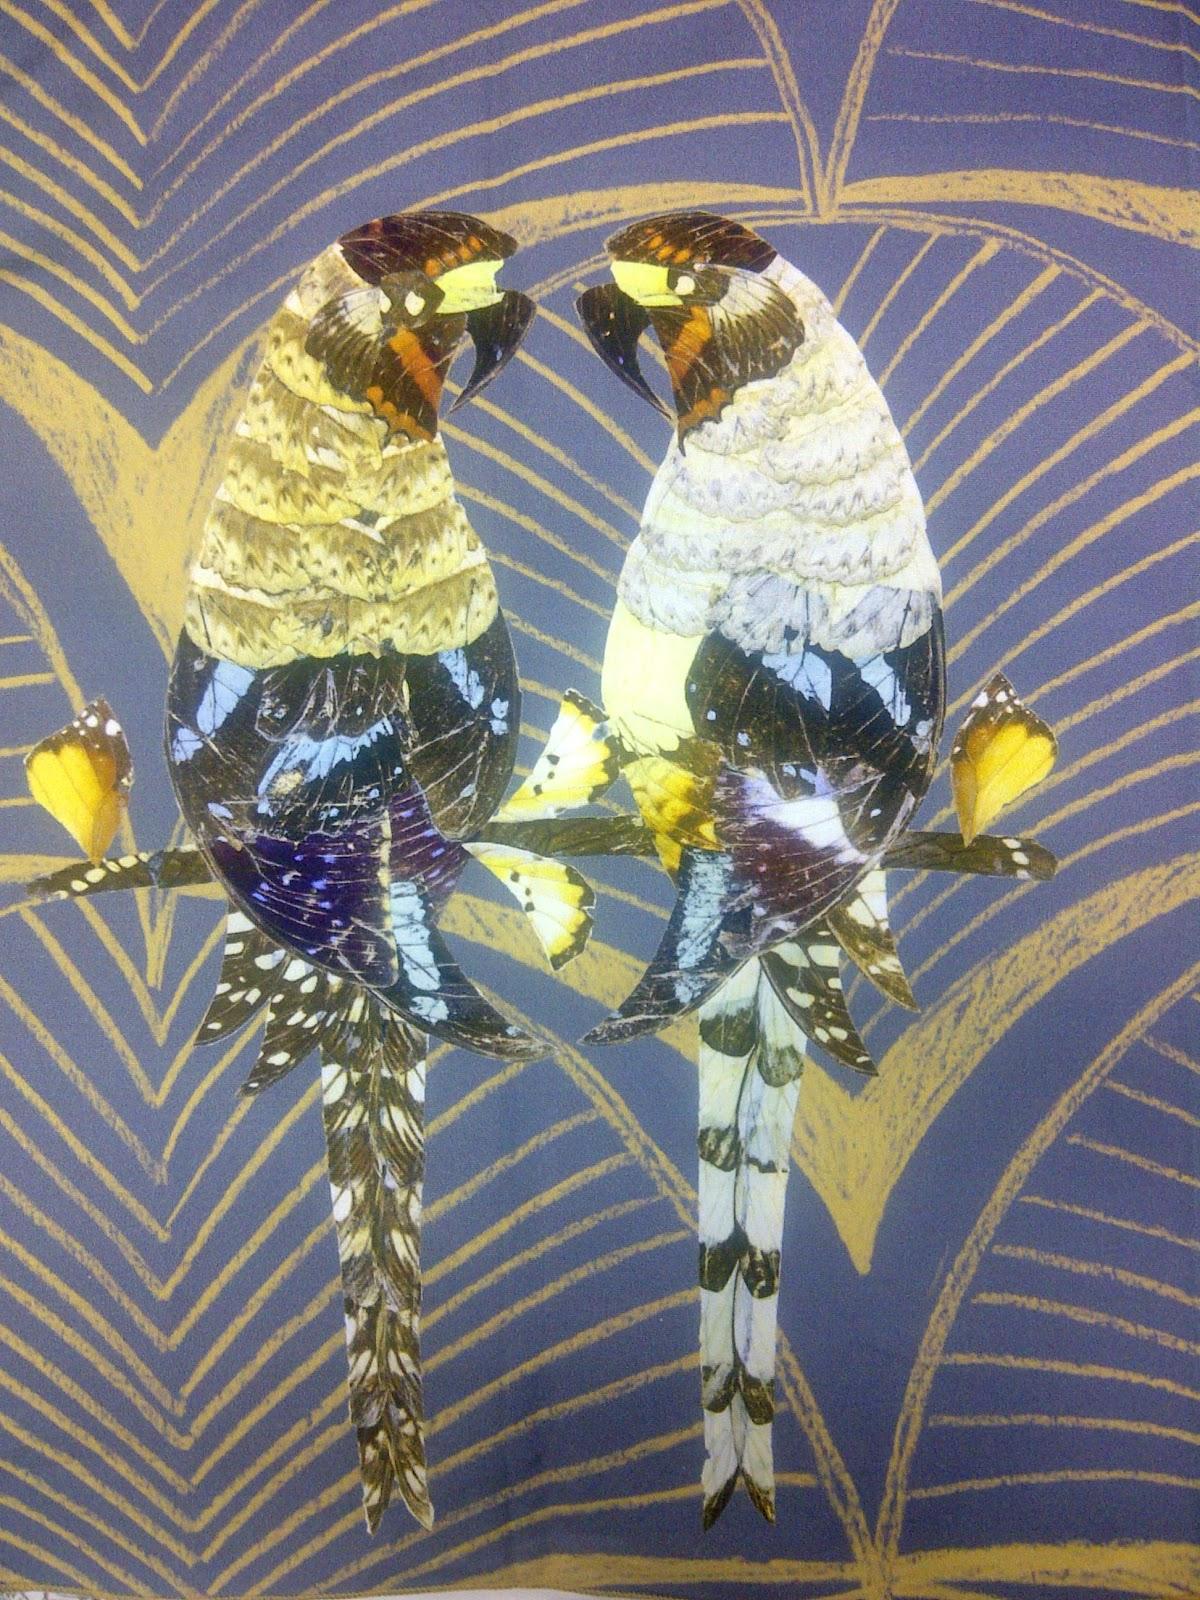 http://1.bp.blogspot.com/-CVTqVSdxd3g/TrnUYluDgWI/AAAAAAAAAfs/3FDKGrmHP28/s1600/Soleil+Bleu+parrots.jpg